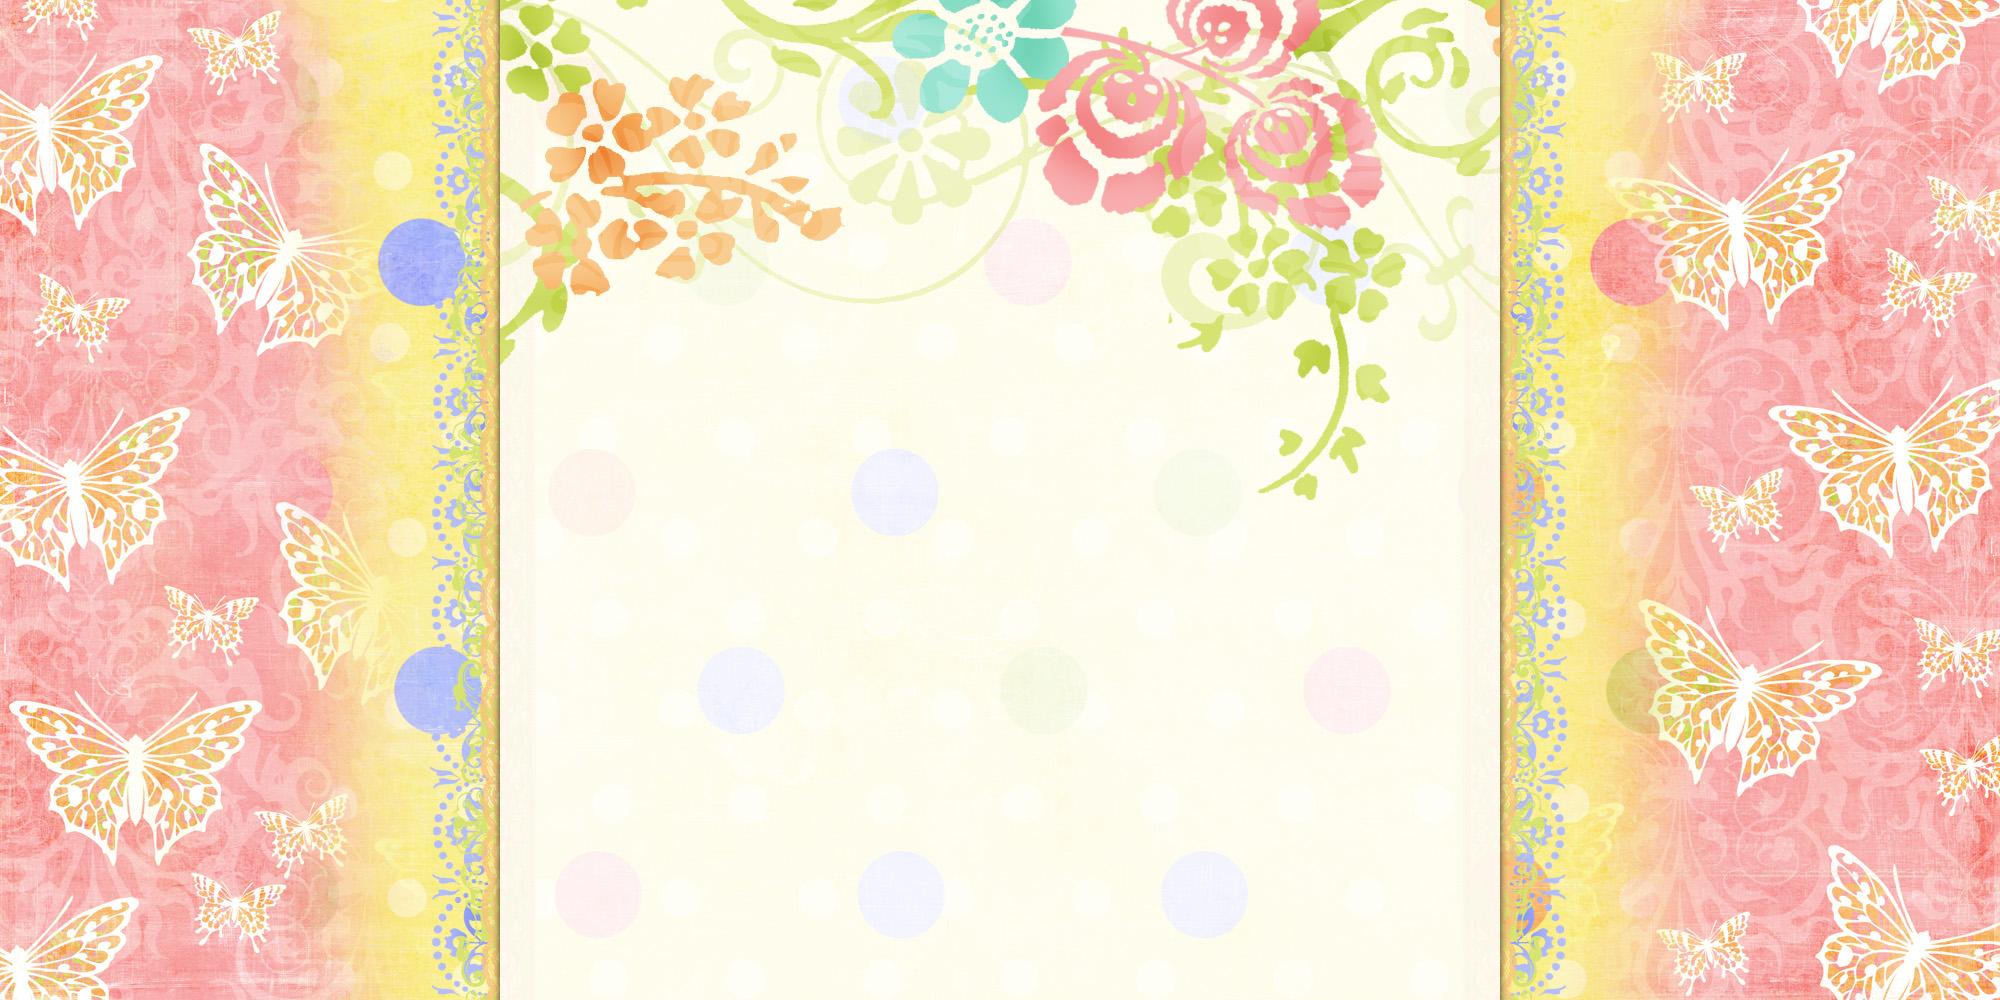 Background image wordpress - Easter Bliss 3 Column